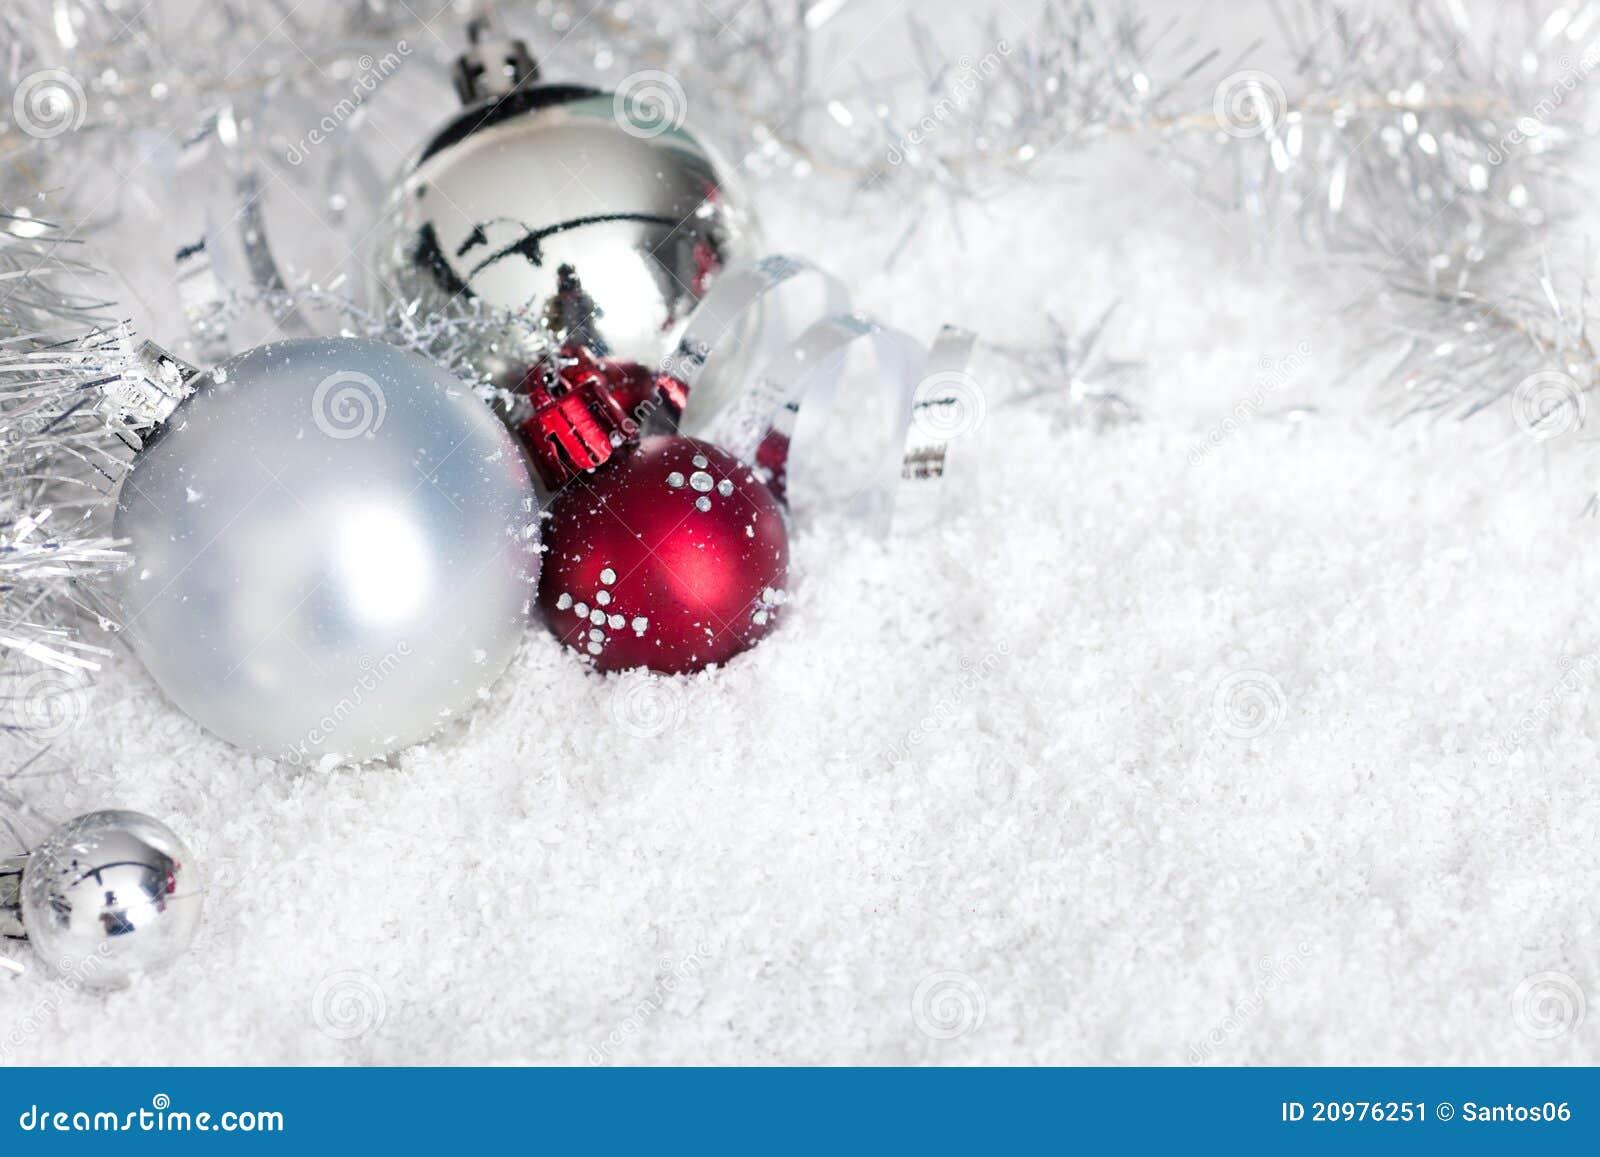 Silberne weihnachtskugeln im schnee stockbild bild 20976251 for Weihnachtskugeln bilder